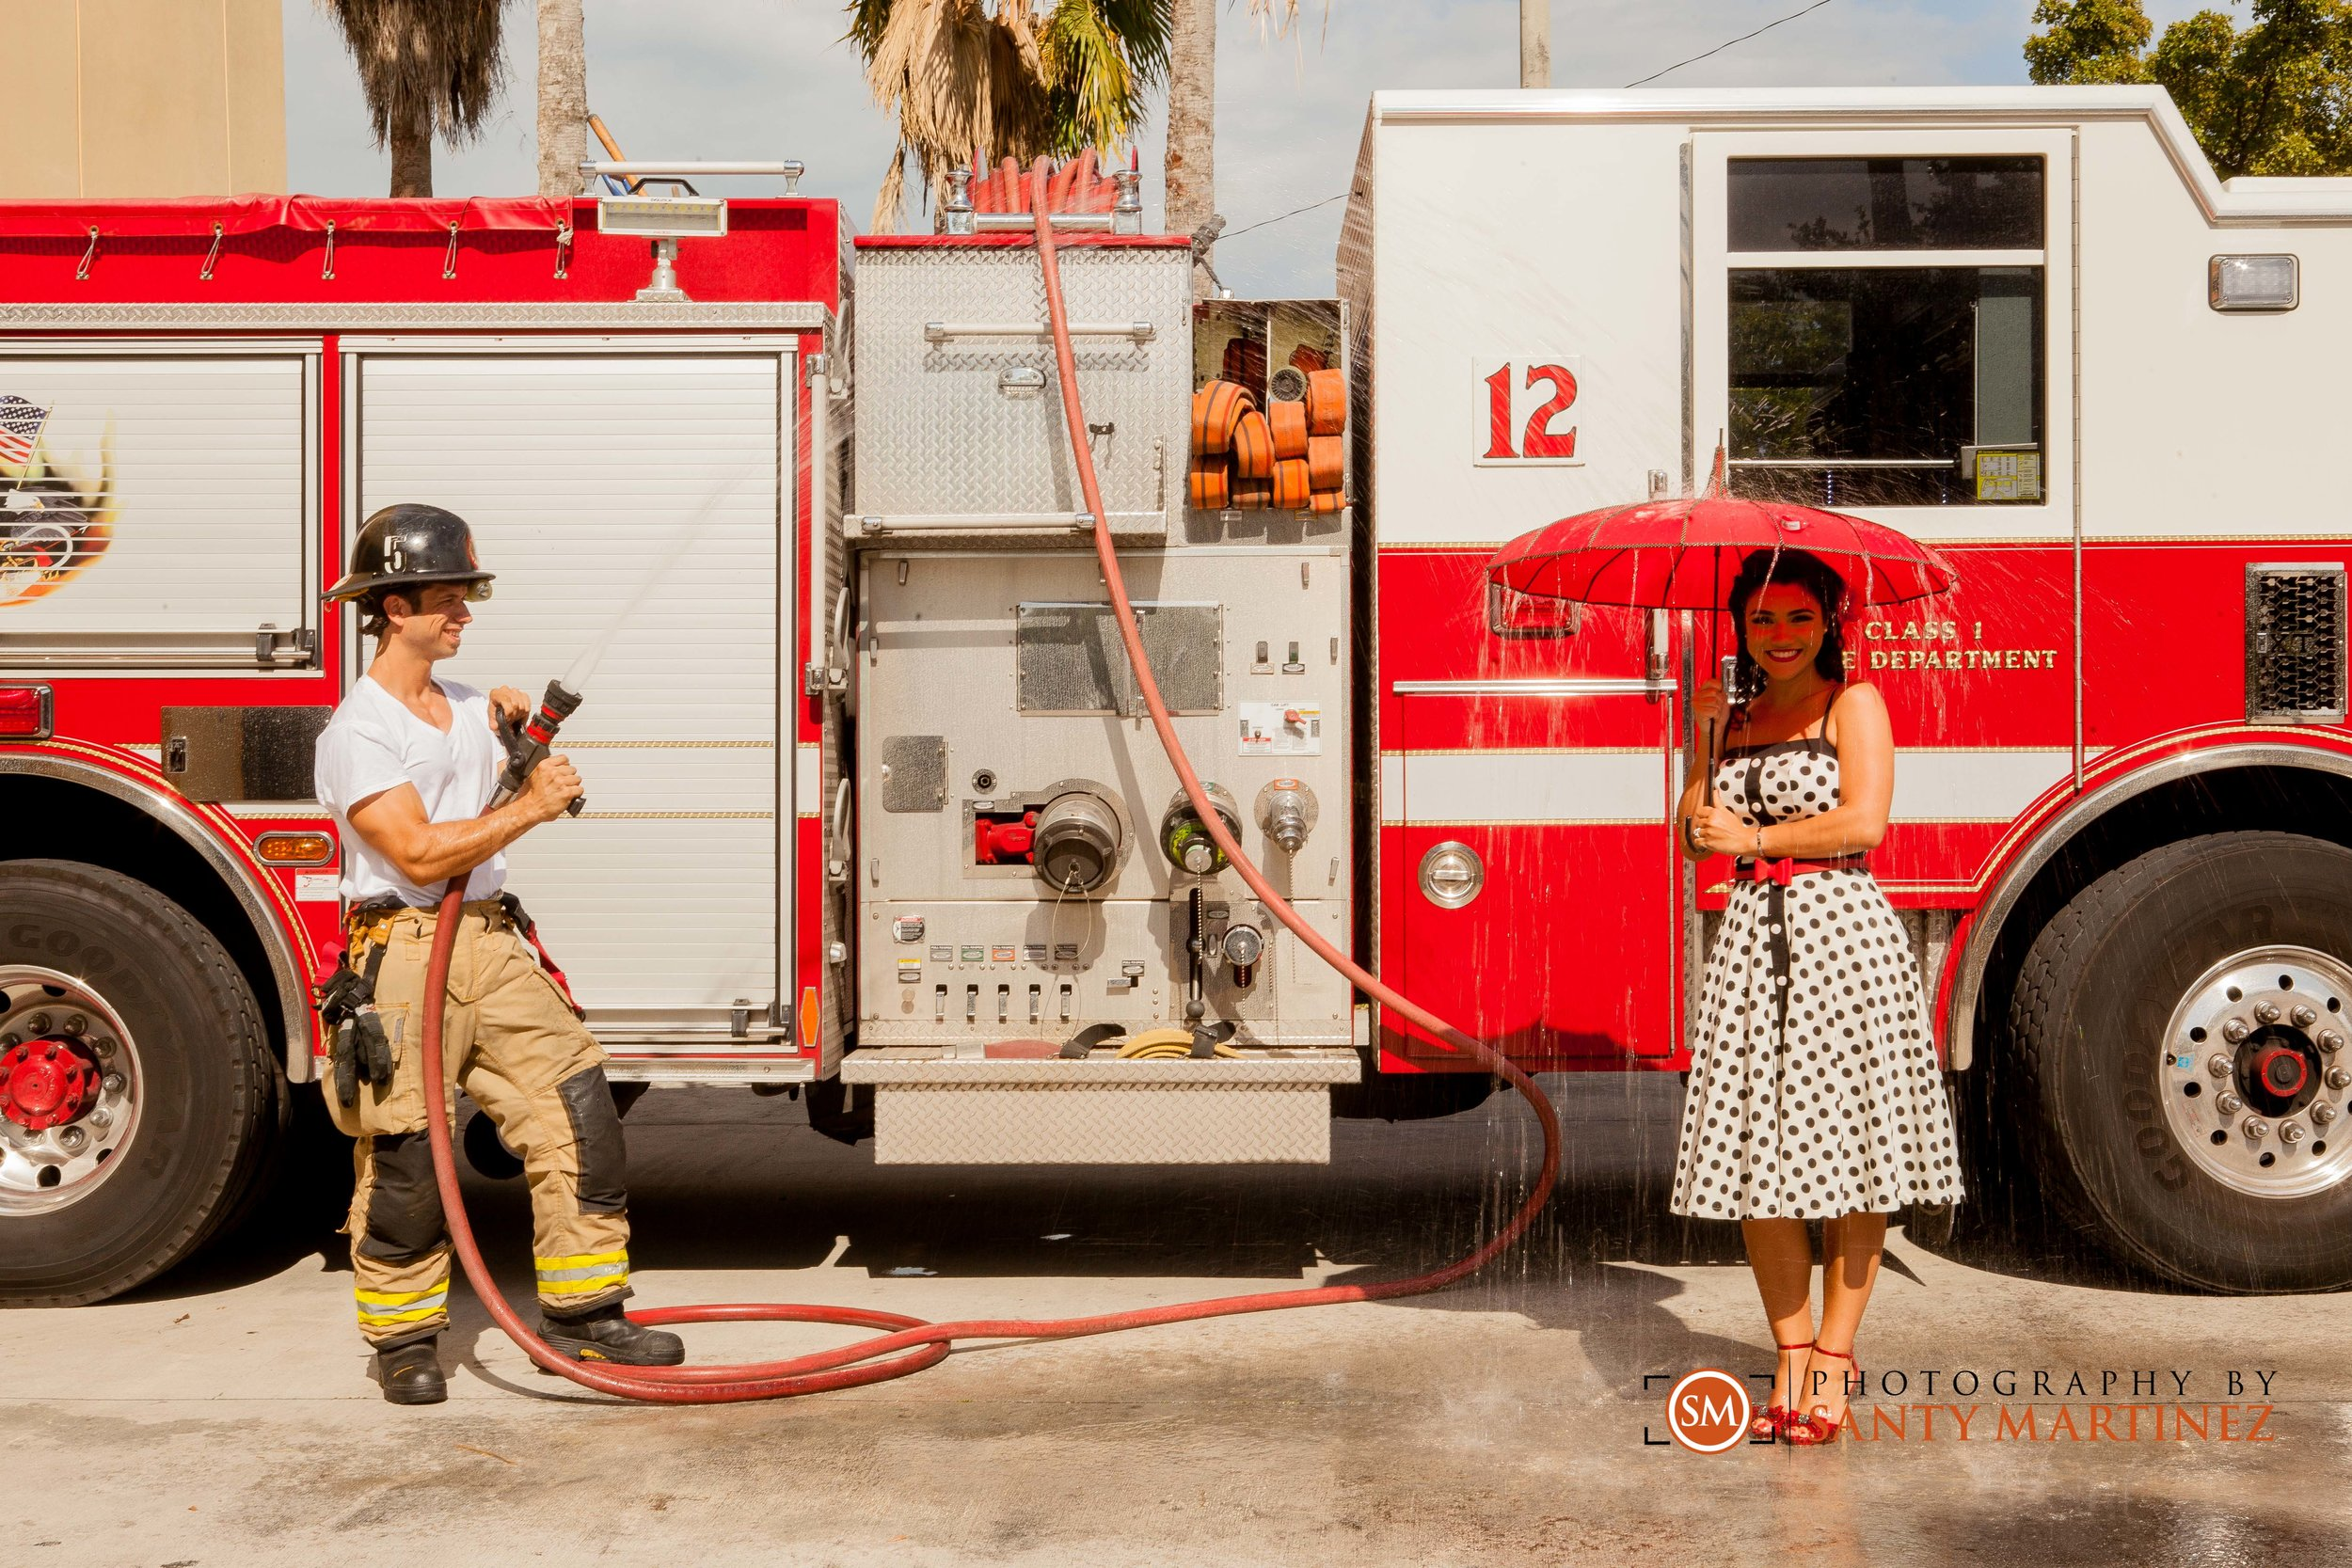 santy-martinez-firefighter-engagement-session-15.jpg